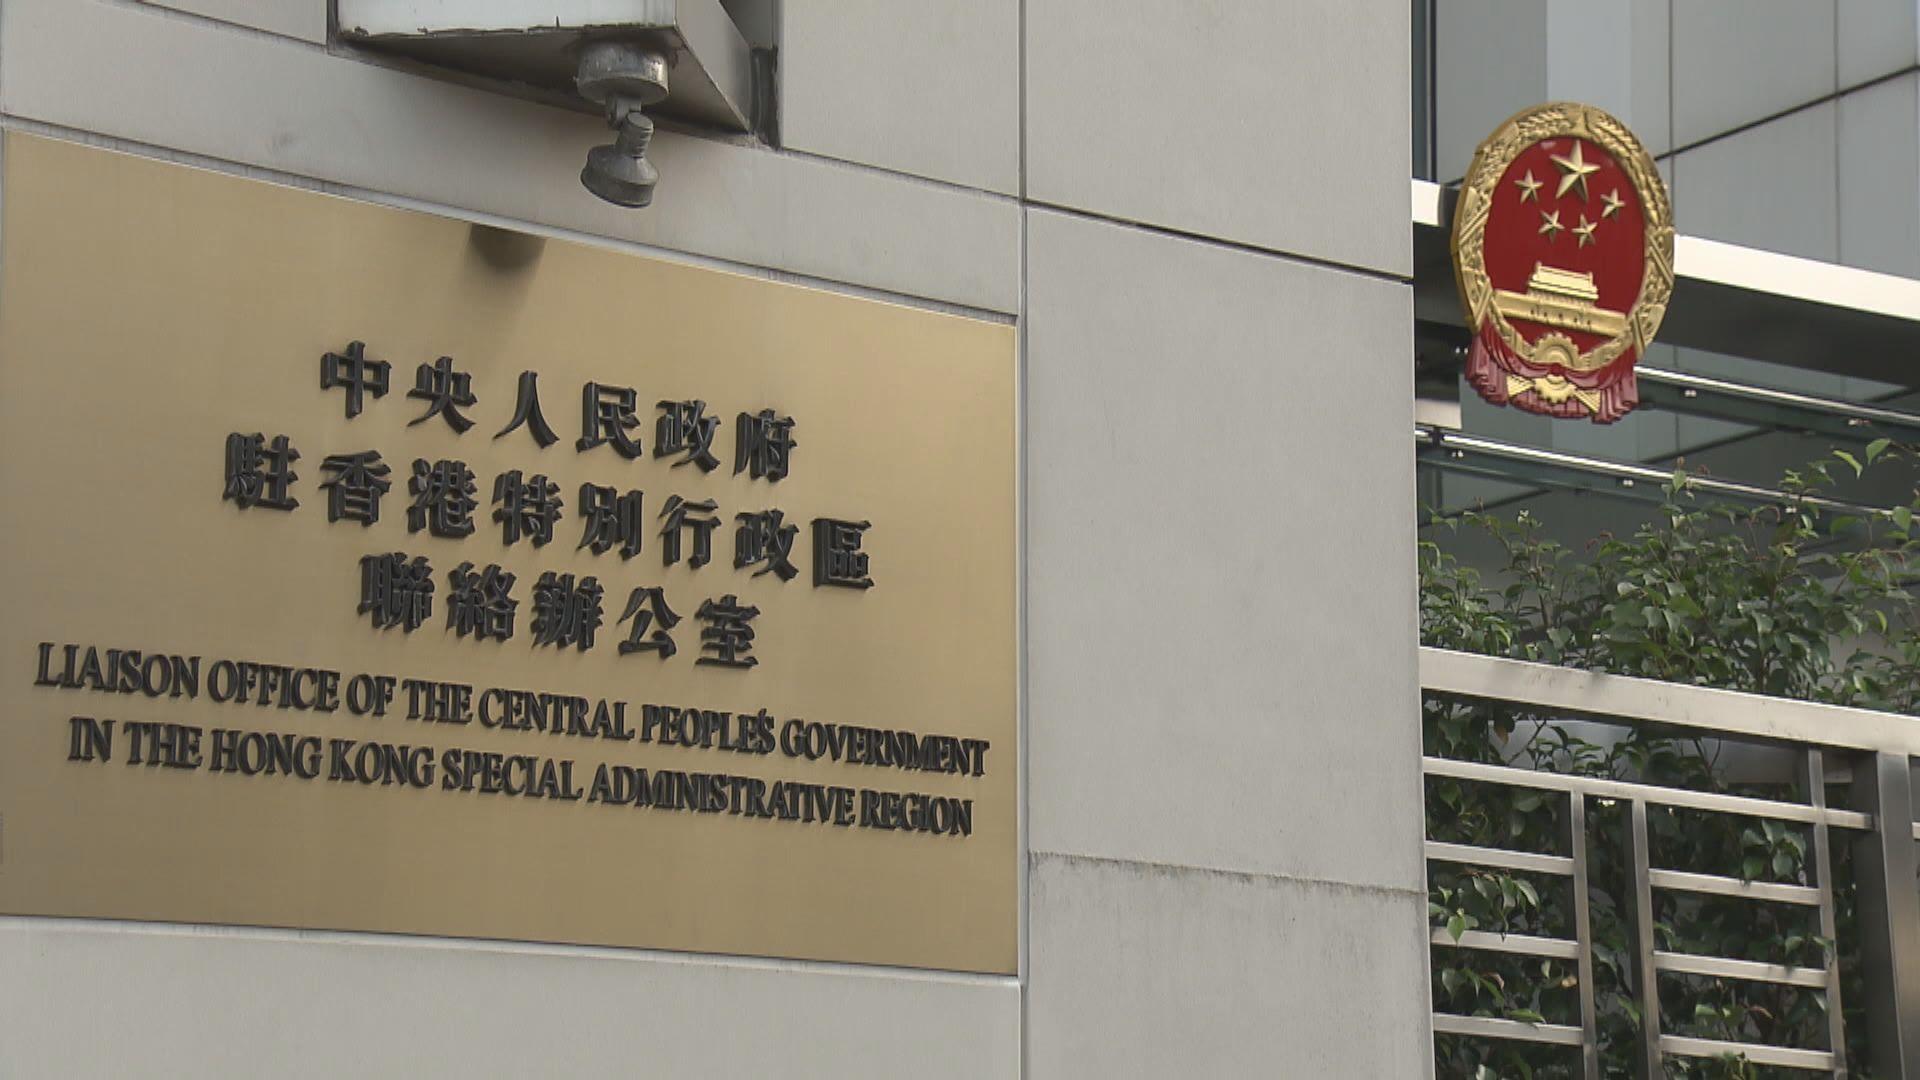 華府警告企業在香港營商安全 港府批美國指控荒謬